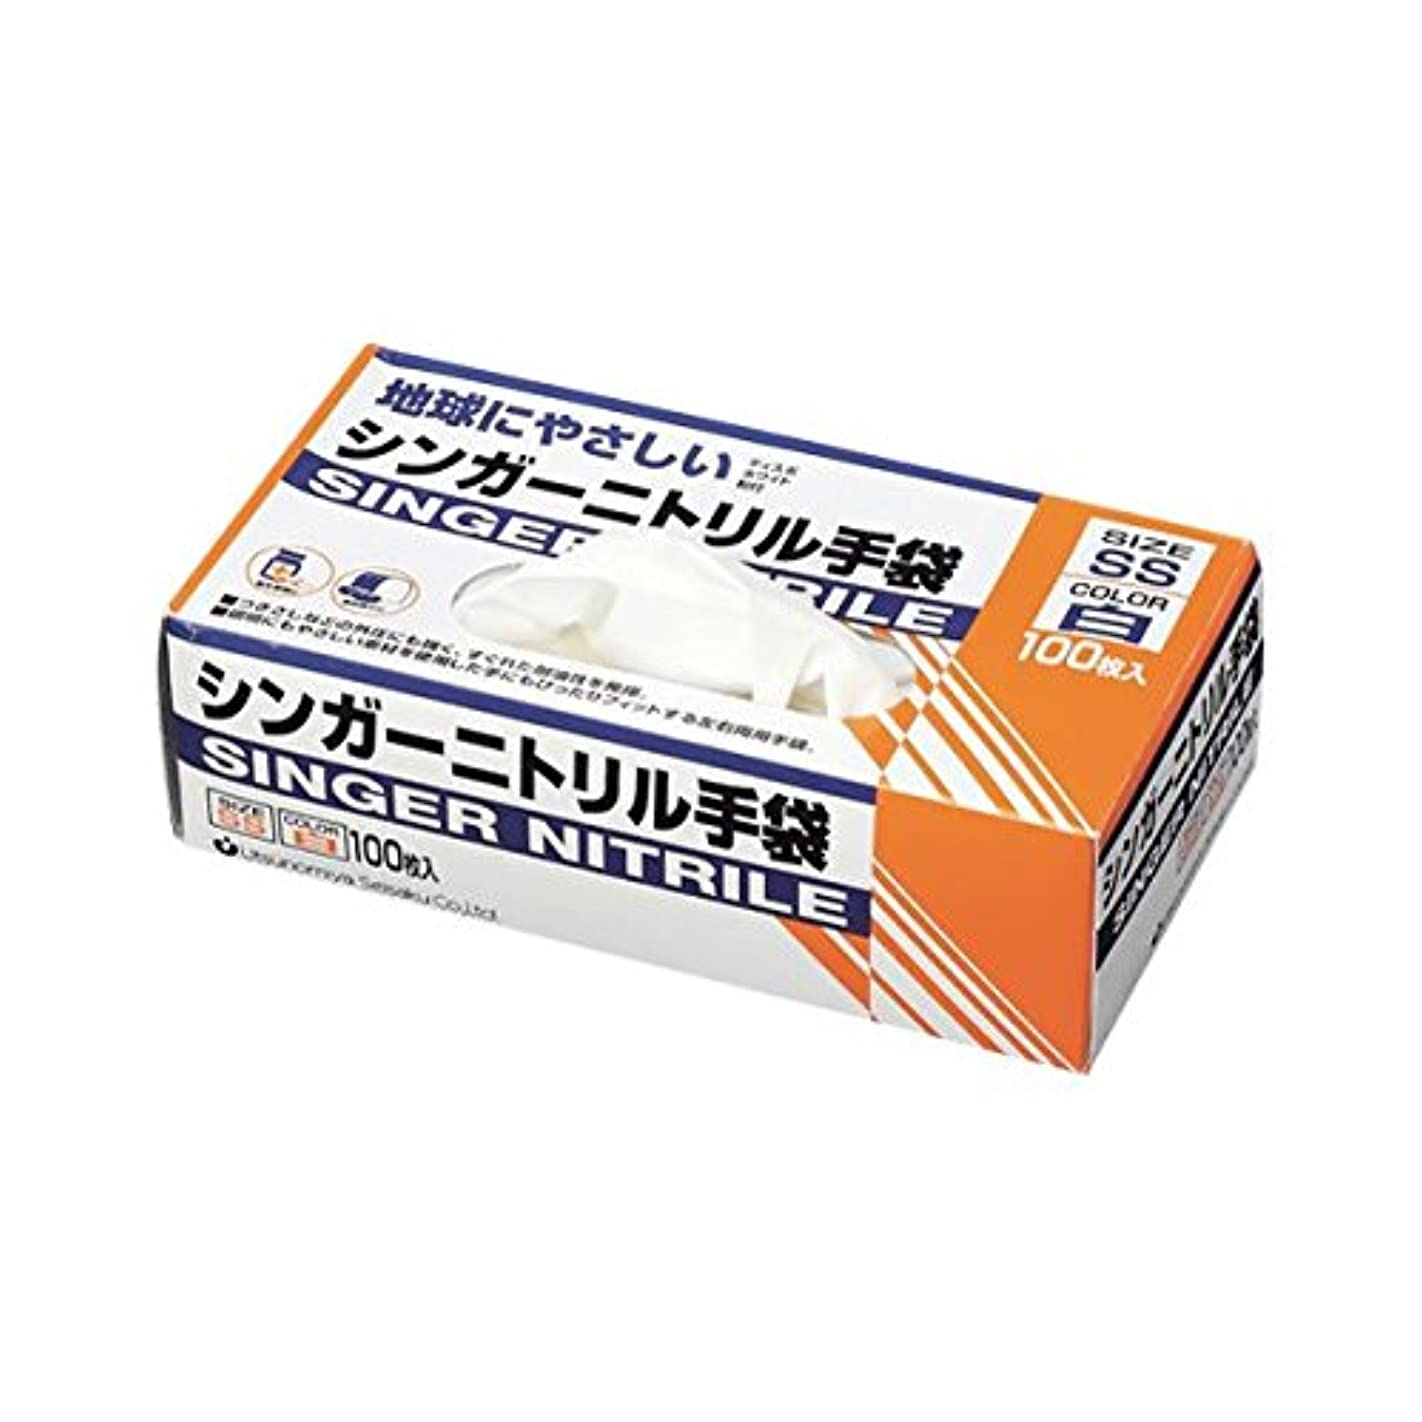 旅行感心するに負ける宇都宮製作 シンガーニトリルディスポNo.100粉付き シンガーニトリル100SS 白 100枚入 ×2セット